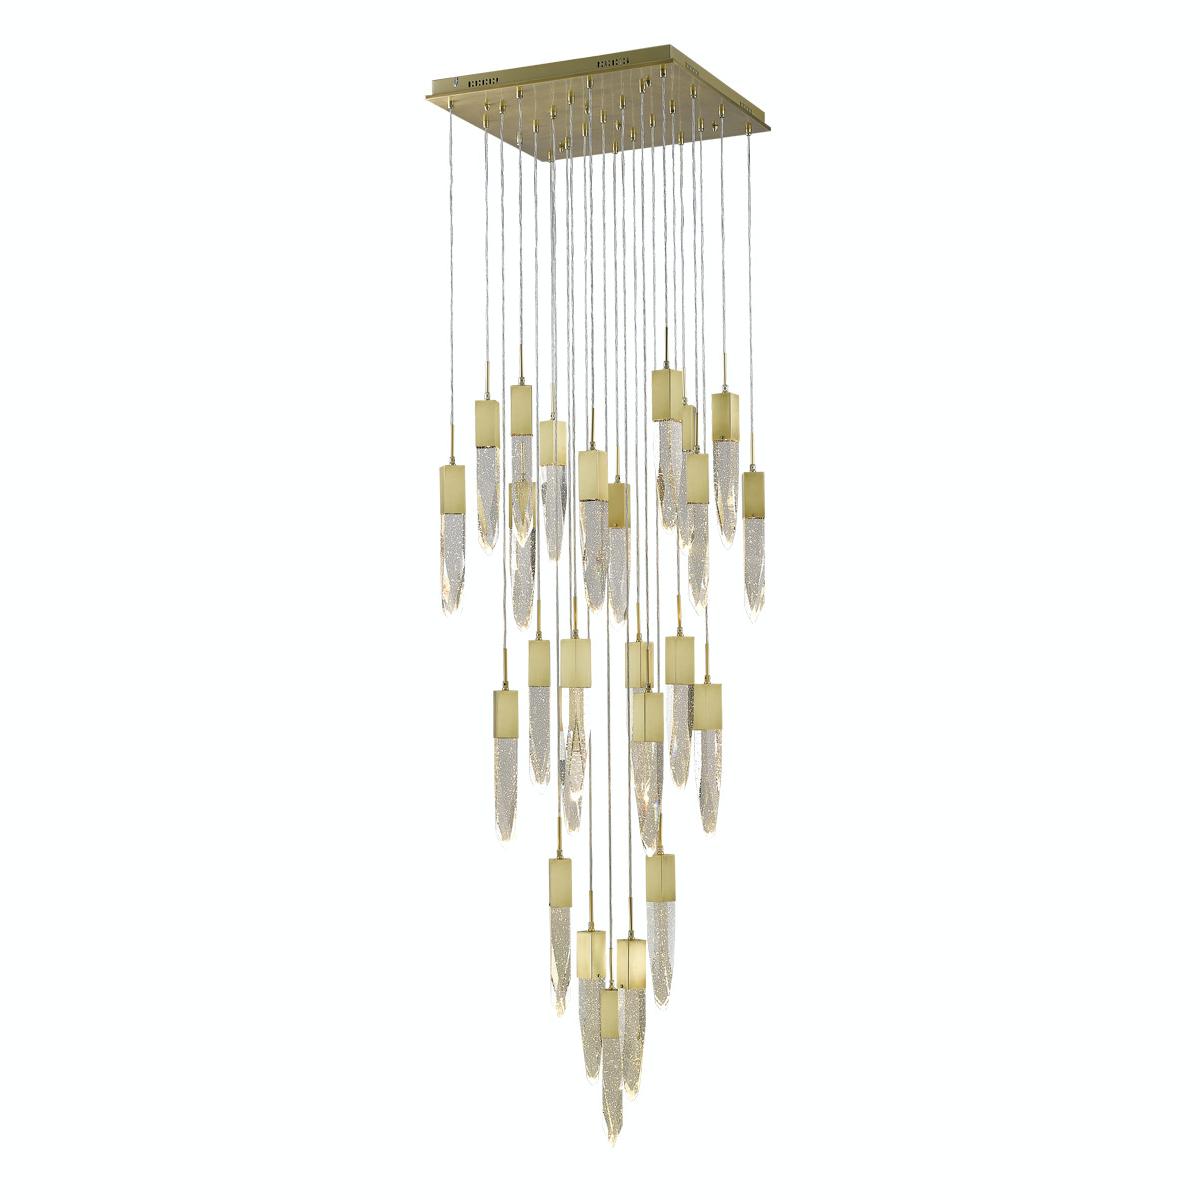 Estrin Zirkman Hanging pendant chandelier